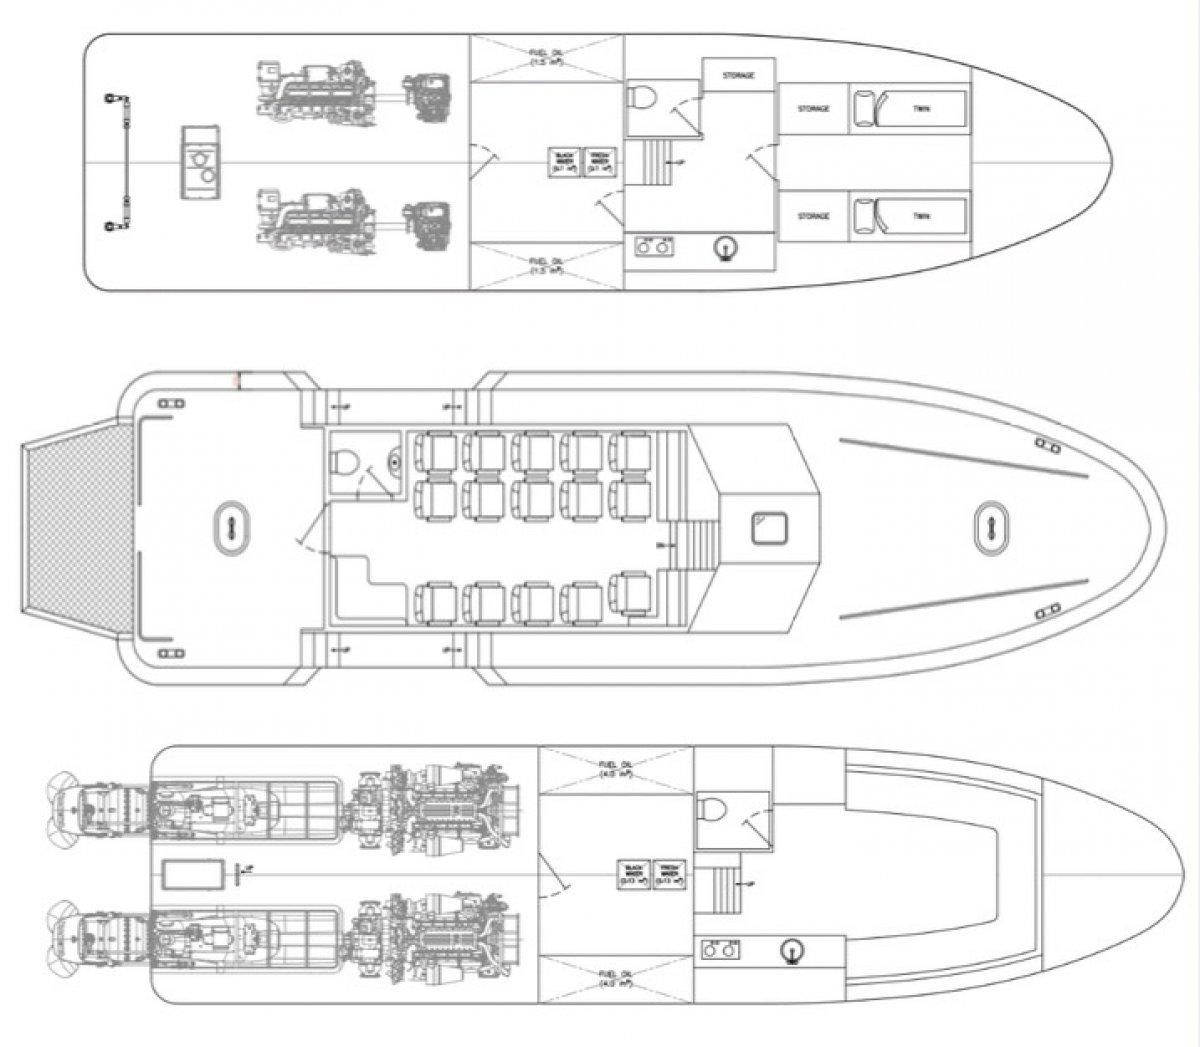 16m Pilot Cutter